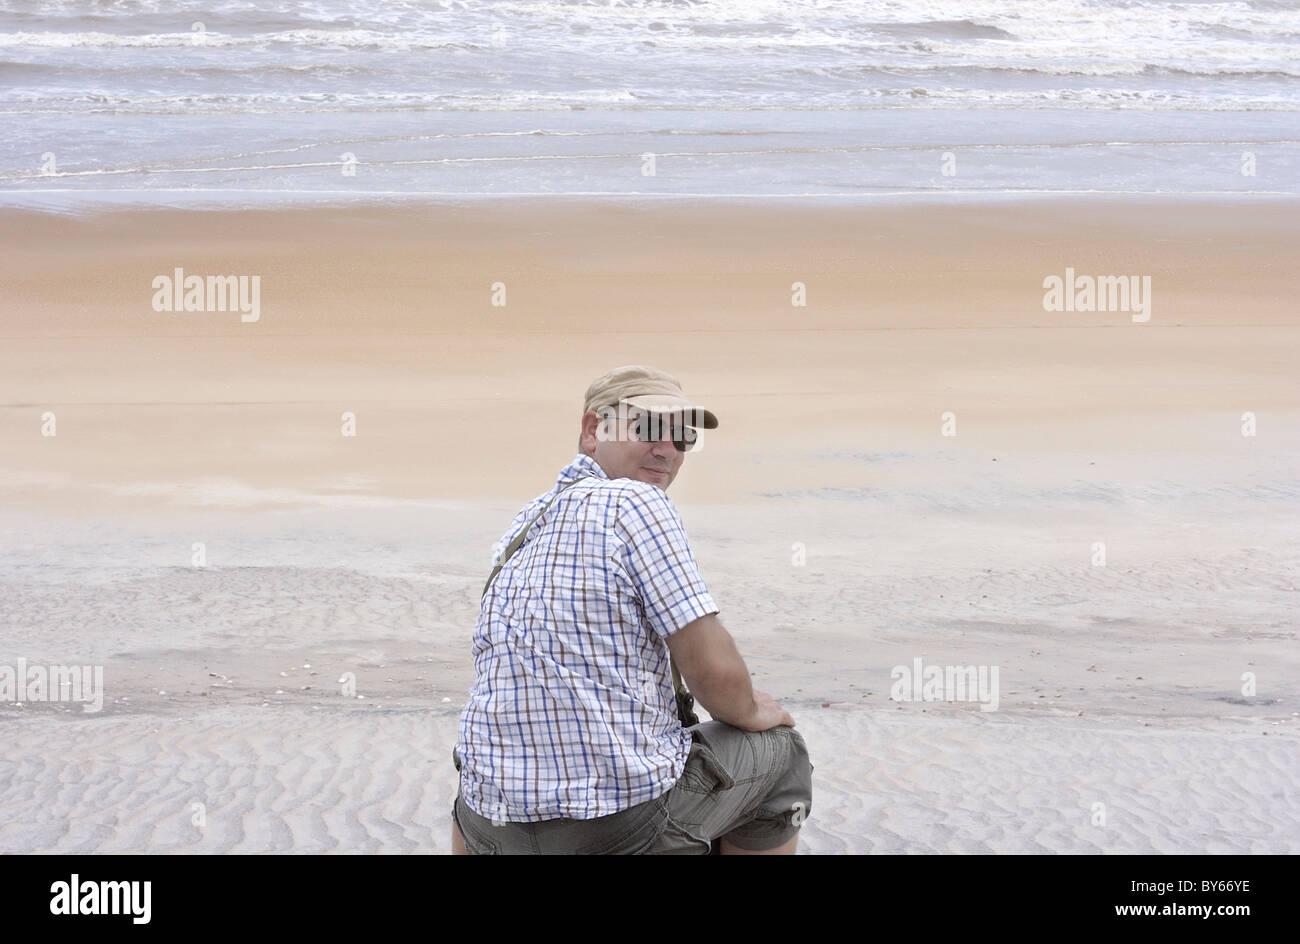 L uomo sulla spiaggia, Ilha Atalaia, Bahia, Brasile Immagini Stock